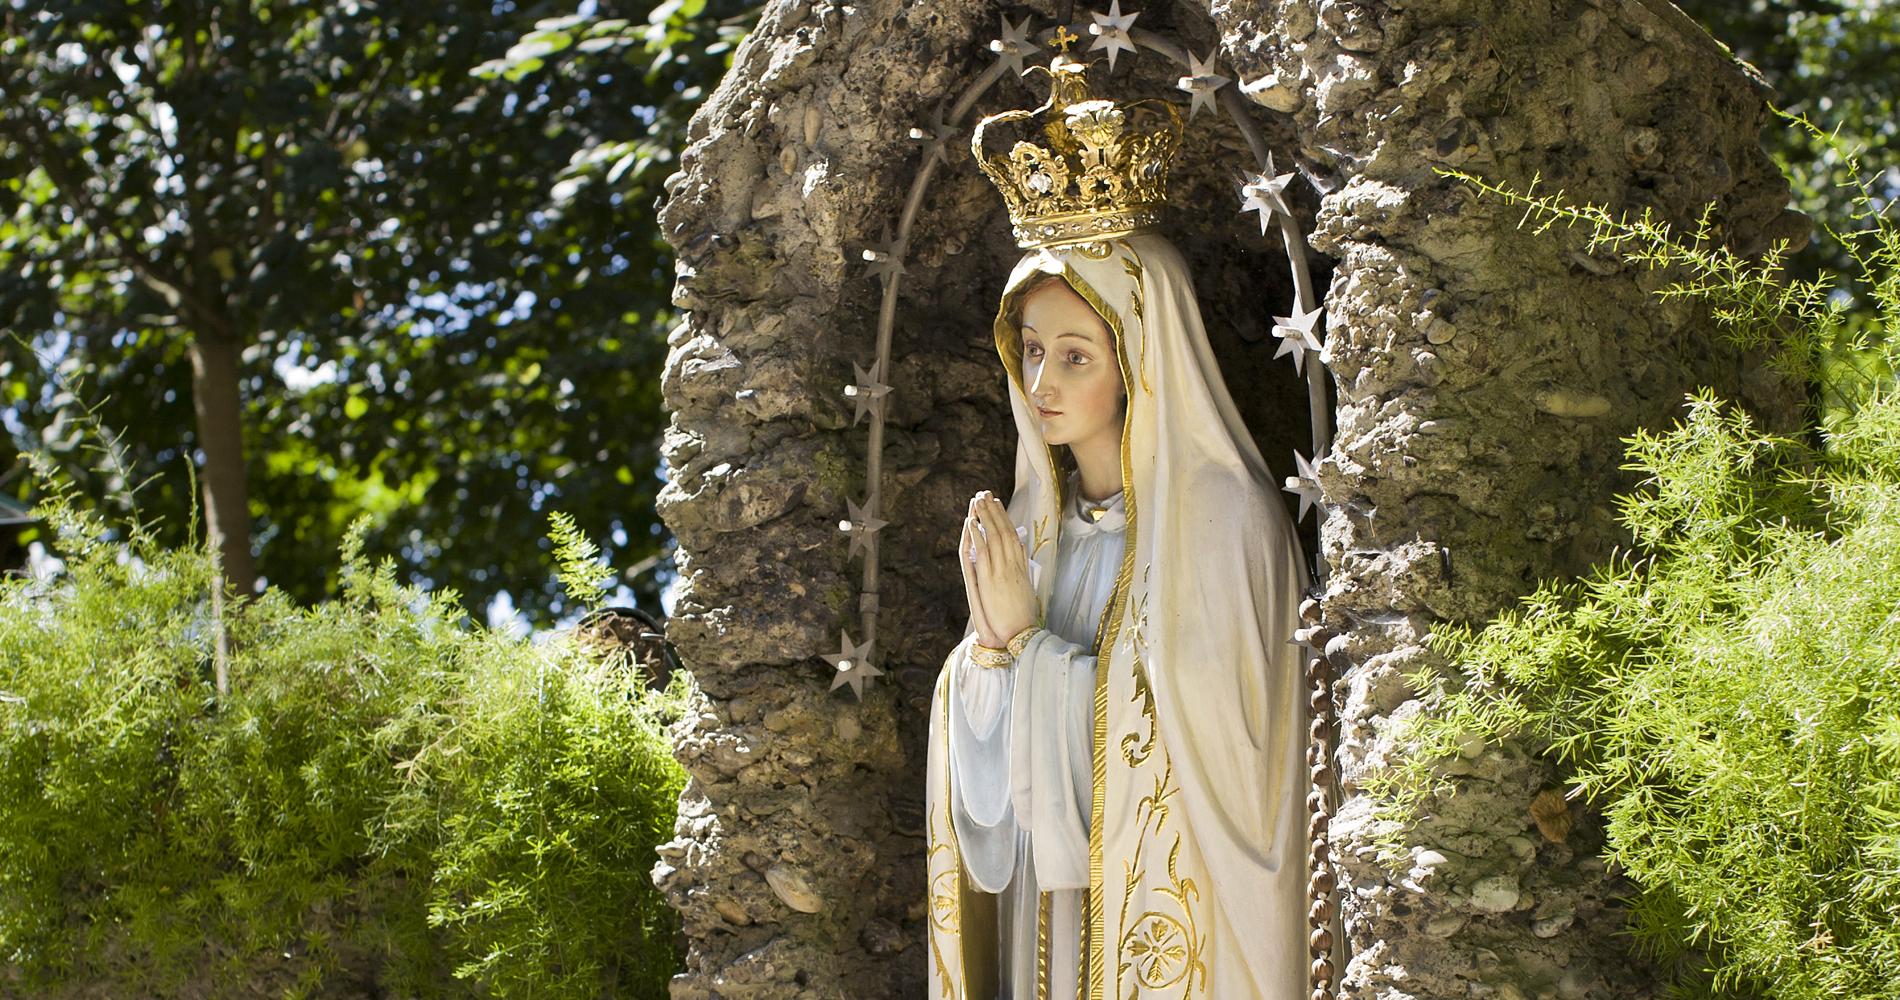 Maria Vesperbild ist ein berühmter Wallfahrtsort